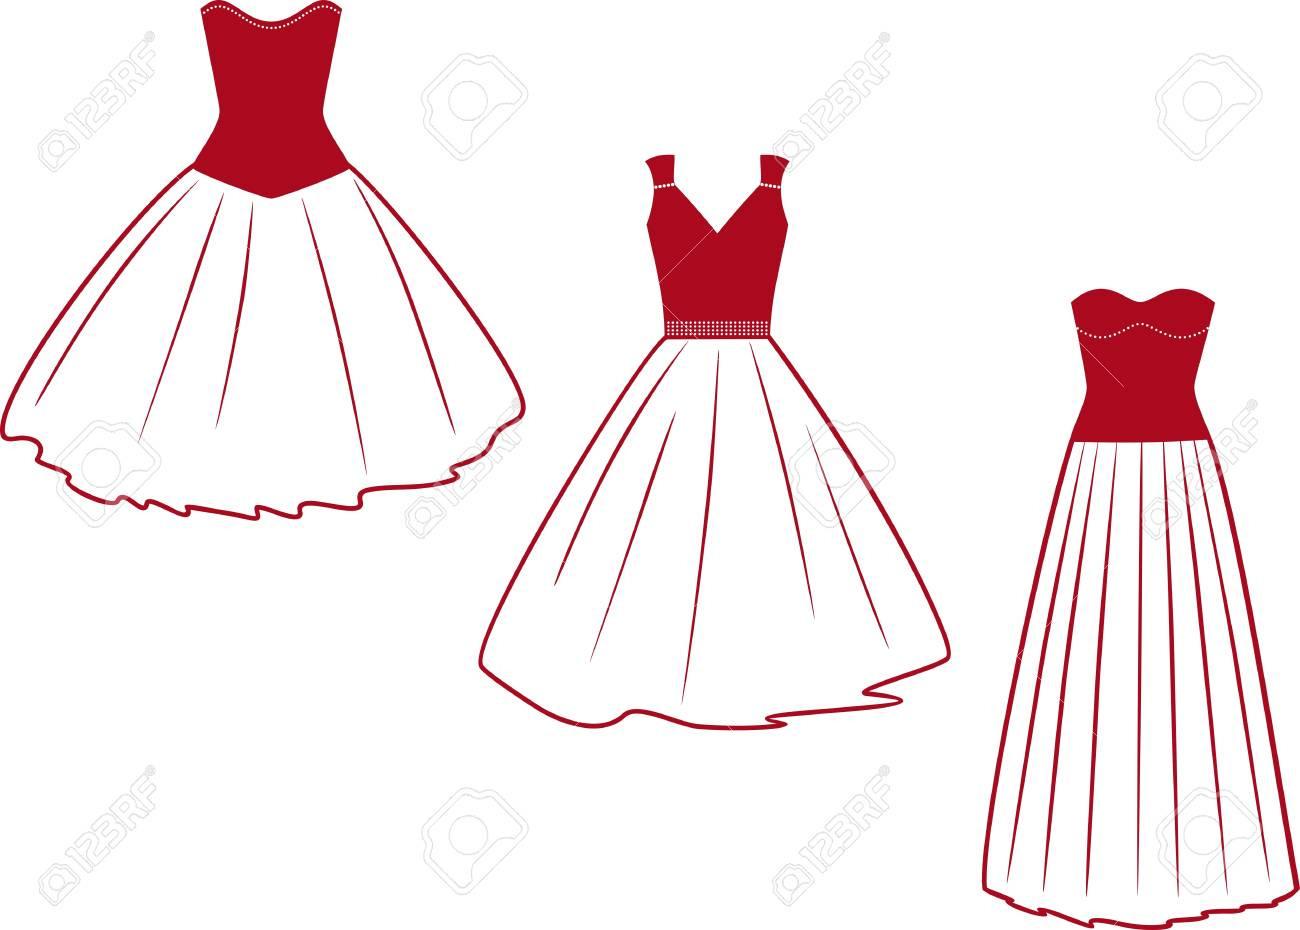 10 Schön Abend Dress Vector Stylish10 Fantastisch Abend Dress Vector Boutique